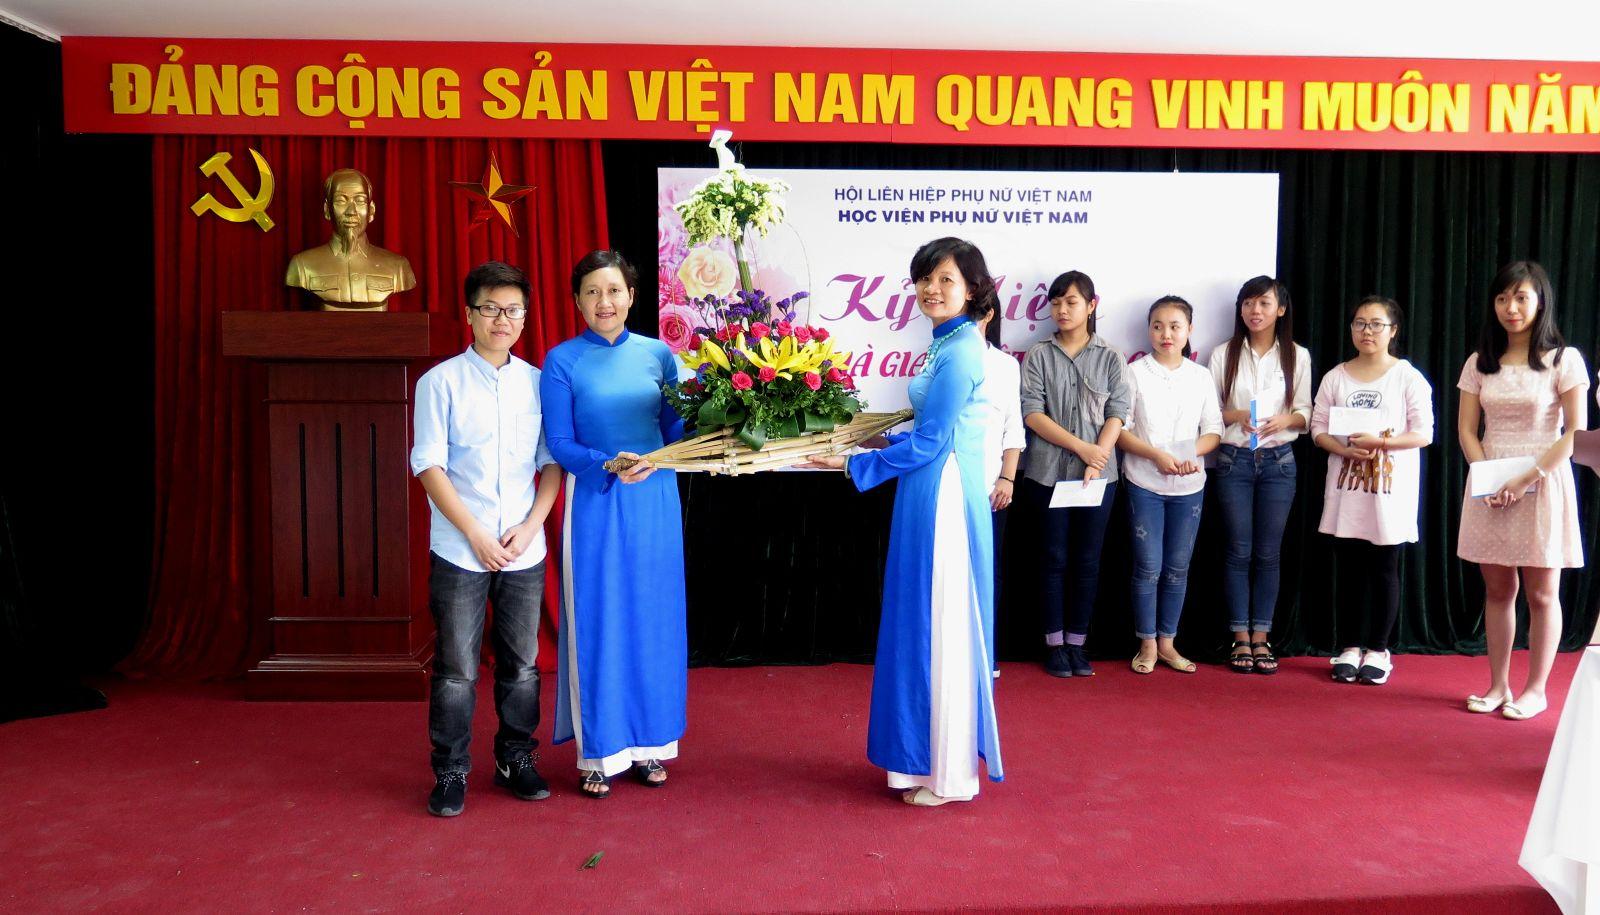 Học viện Phụ nữ Việt Nam tổ chức Lễ kỉ niệm Ngày Nhà giáo Việt Nam 20/11